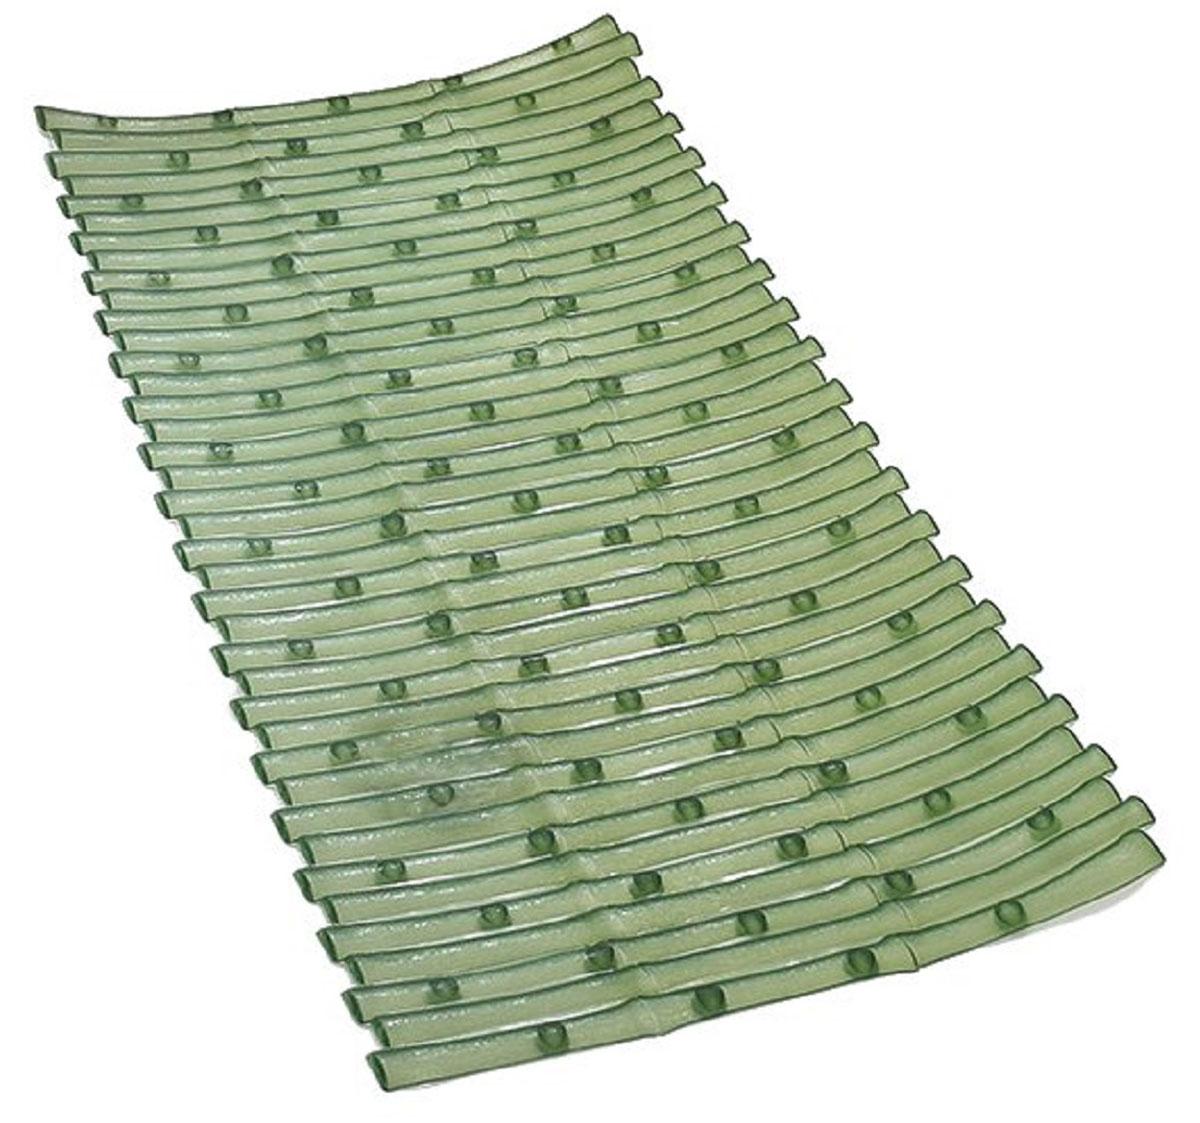 Коврик для ванной Ridder Bambus, противоскользящий, цвет: зеленый, 40 х 81 см61805Высококачественные немецкие коврики Bambus созданы для вашего удобства. Состав и свойства противоскользящих ковриков: ПВХ с защитой от плесени и грибка, Имеются присоски для крепления. Безопасность изделия соответствует стандартам LGA (Германия).